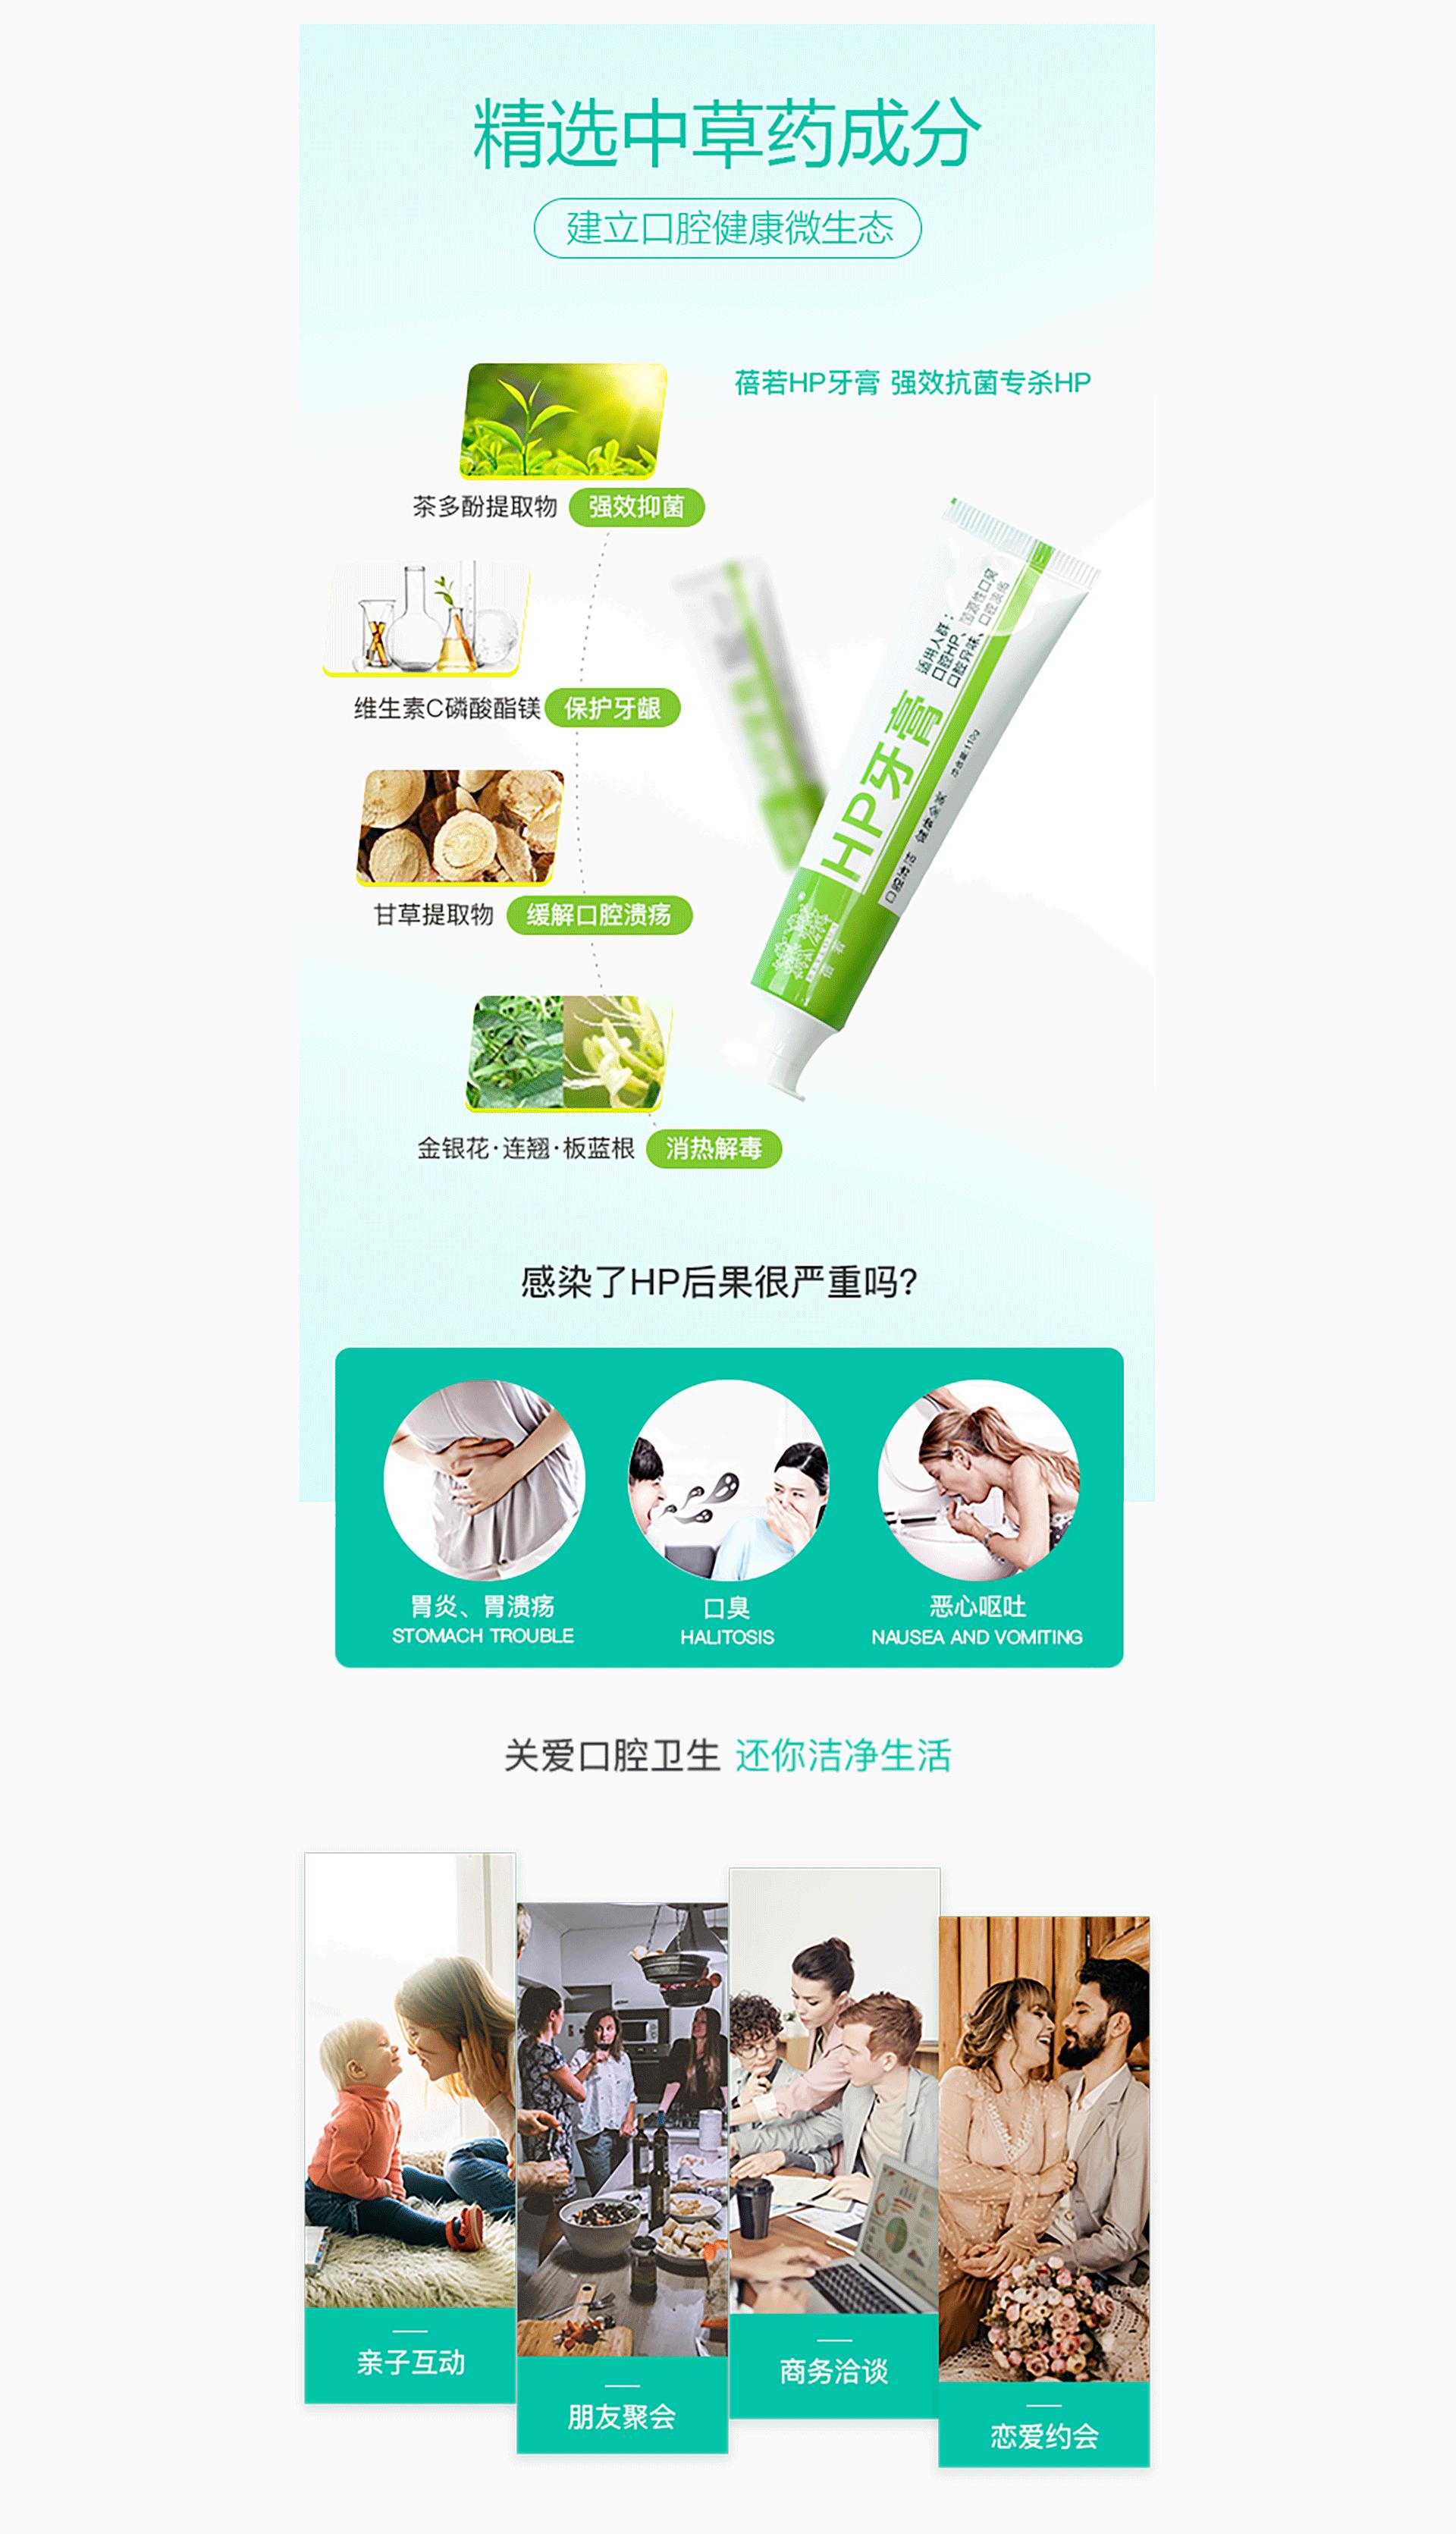 蓓若系列新品介绍